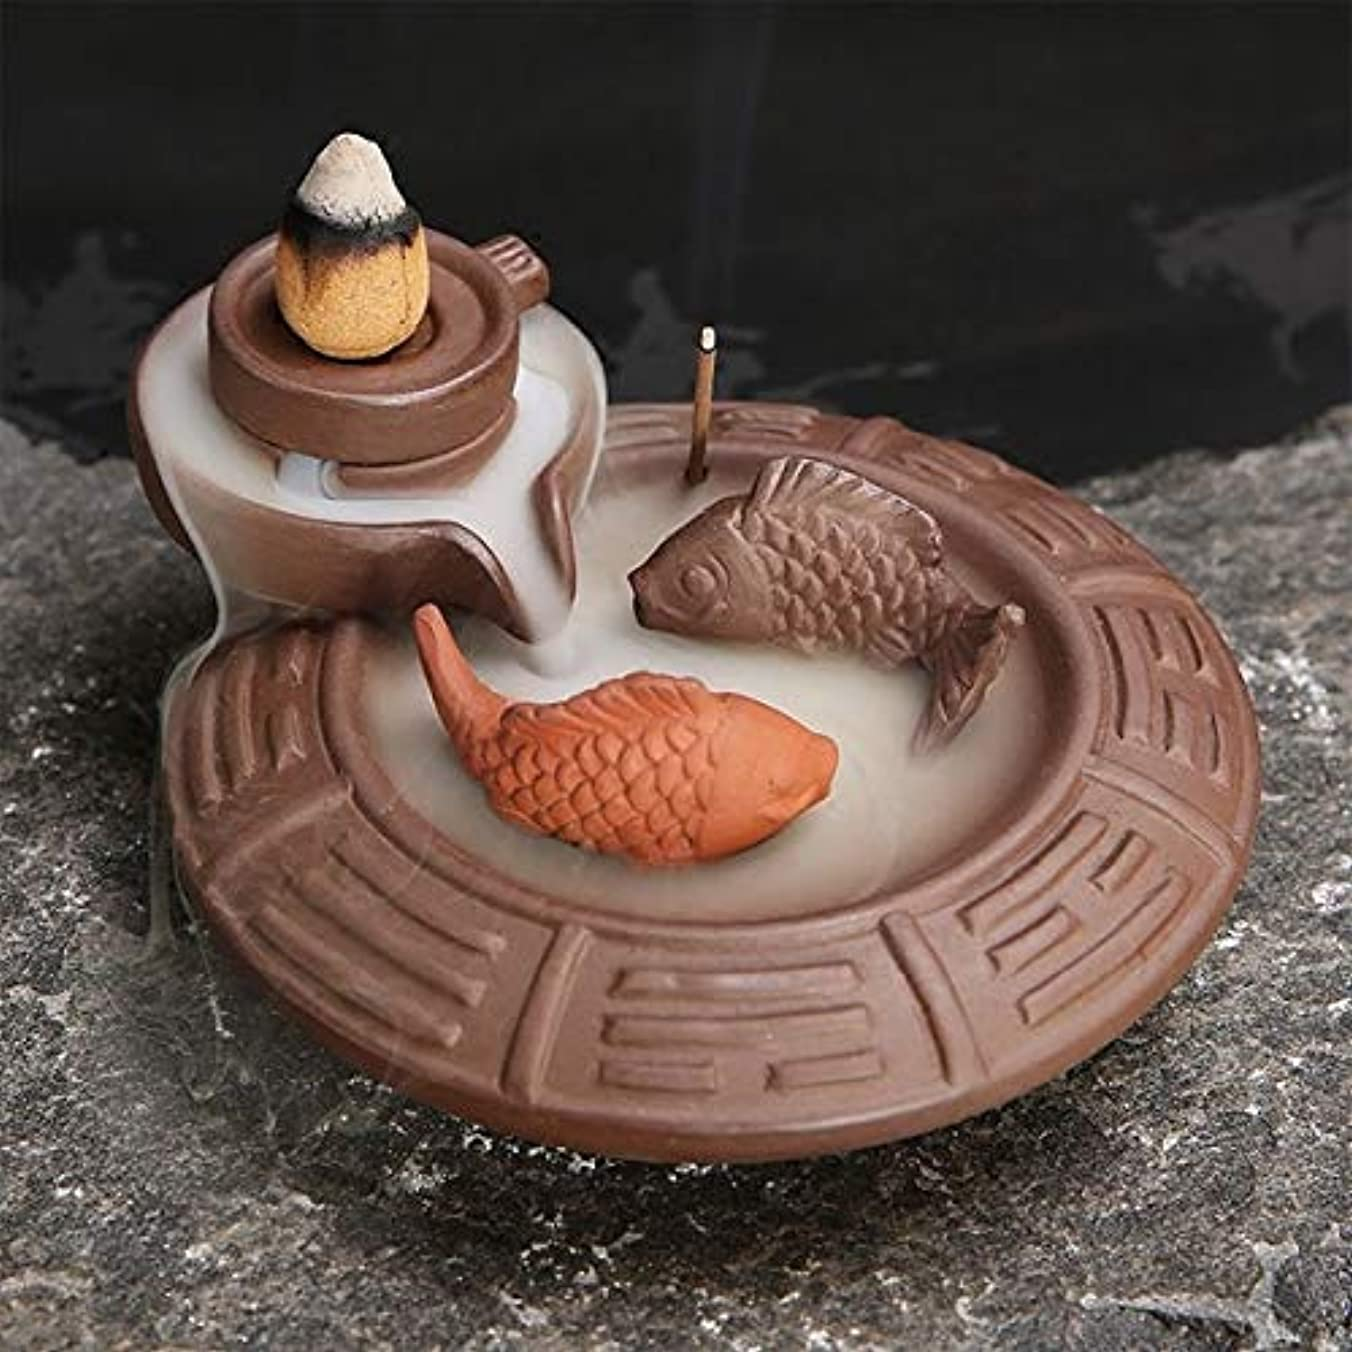 規制する有毒ジャグリング(Fish) - Jeteven Ceramic Fish Backflow Incense Burner, Incense Cones Sticks Holder, Ideal for Yoga Room, Home...